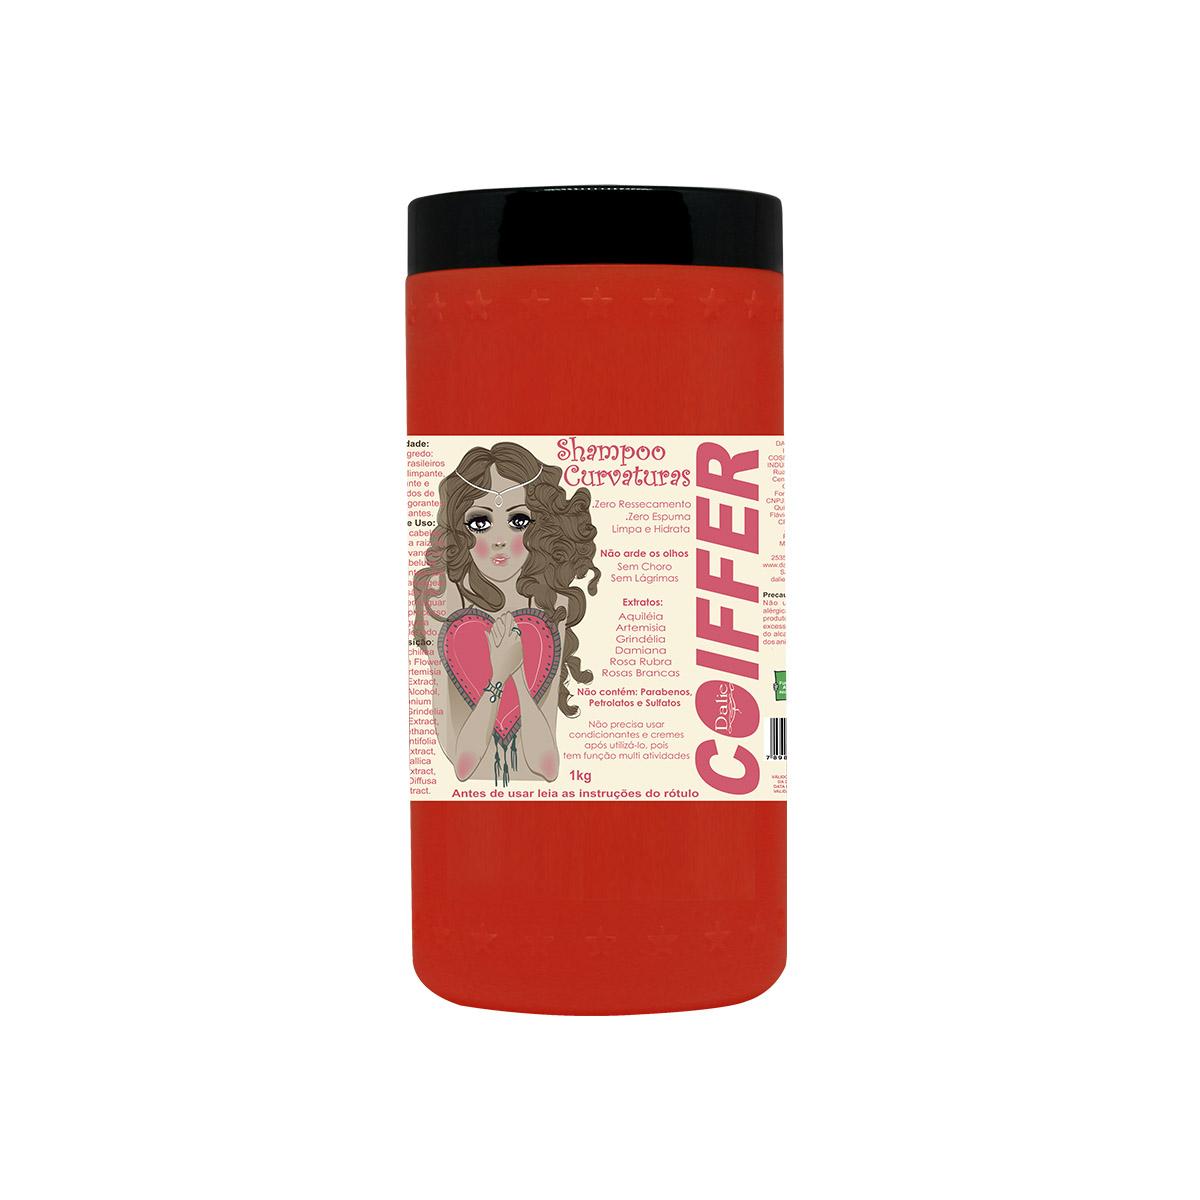 Shampoo para Cabelos Cacheados Curvatura  Coiffer 1kg